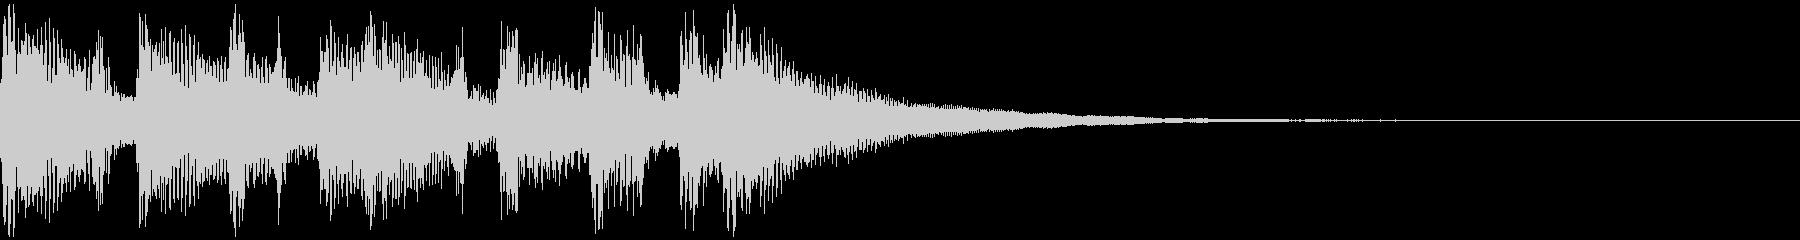 ティーン トロピカル 民謡 コーポ...の未再生の波形